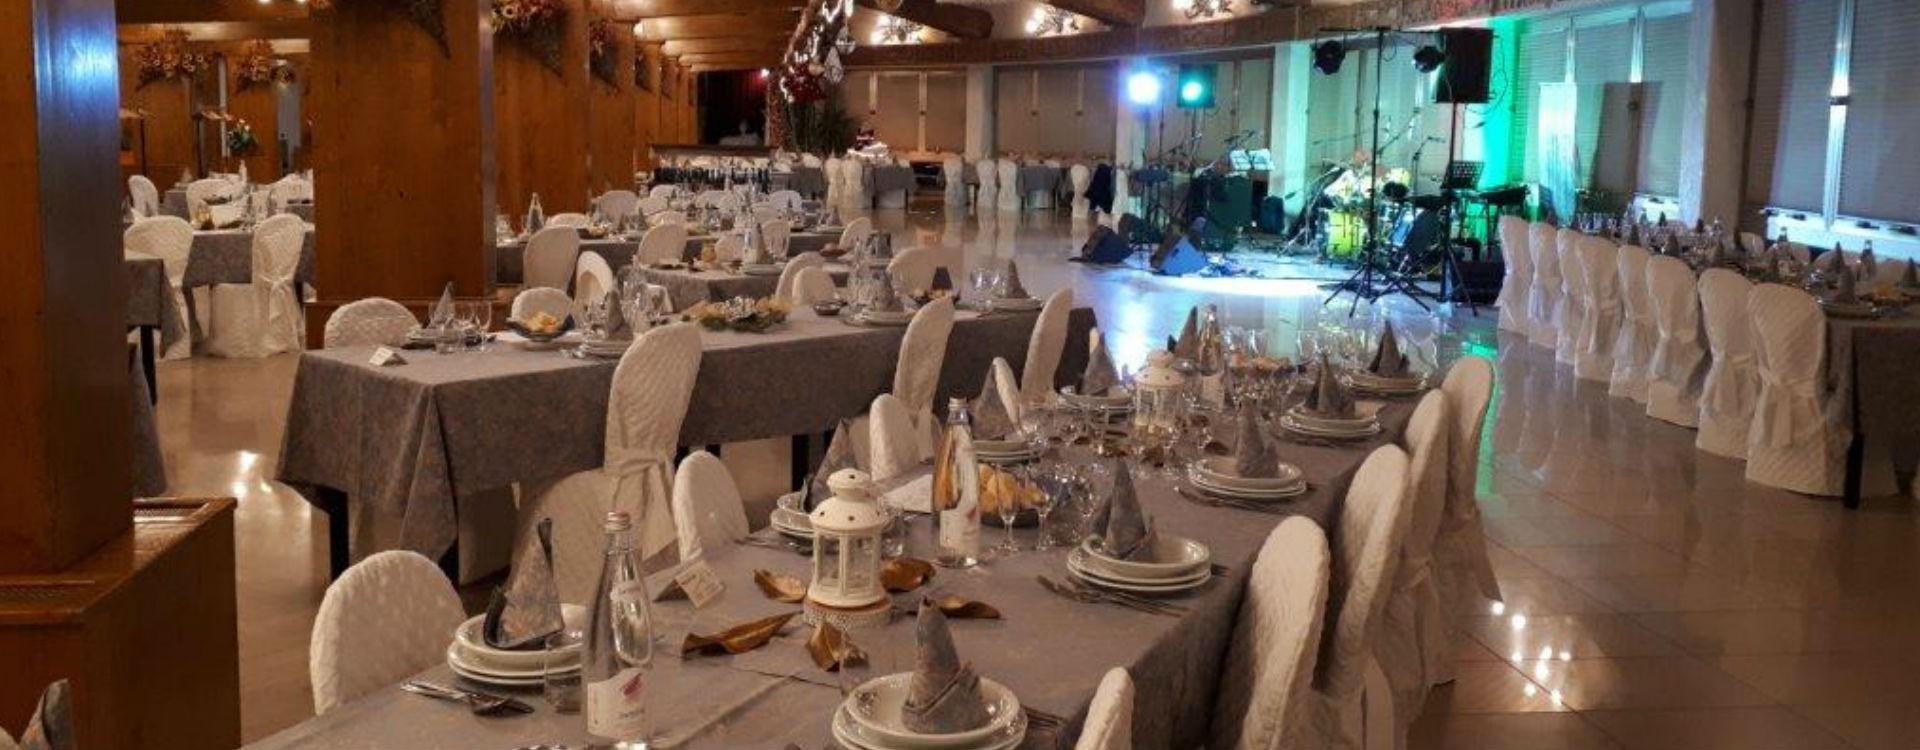 Capodanno in Appennino: Cenone e divertimento all'Hotel Mazzieri